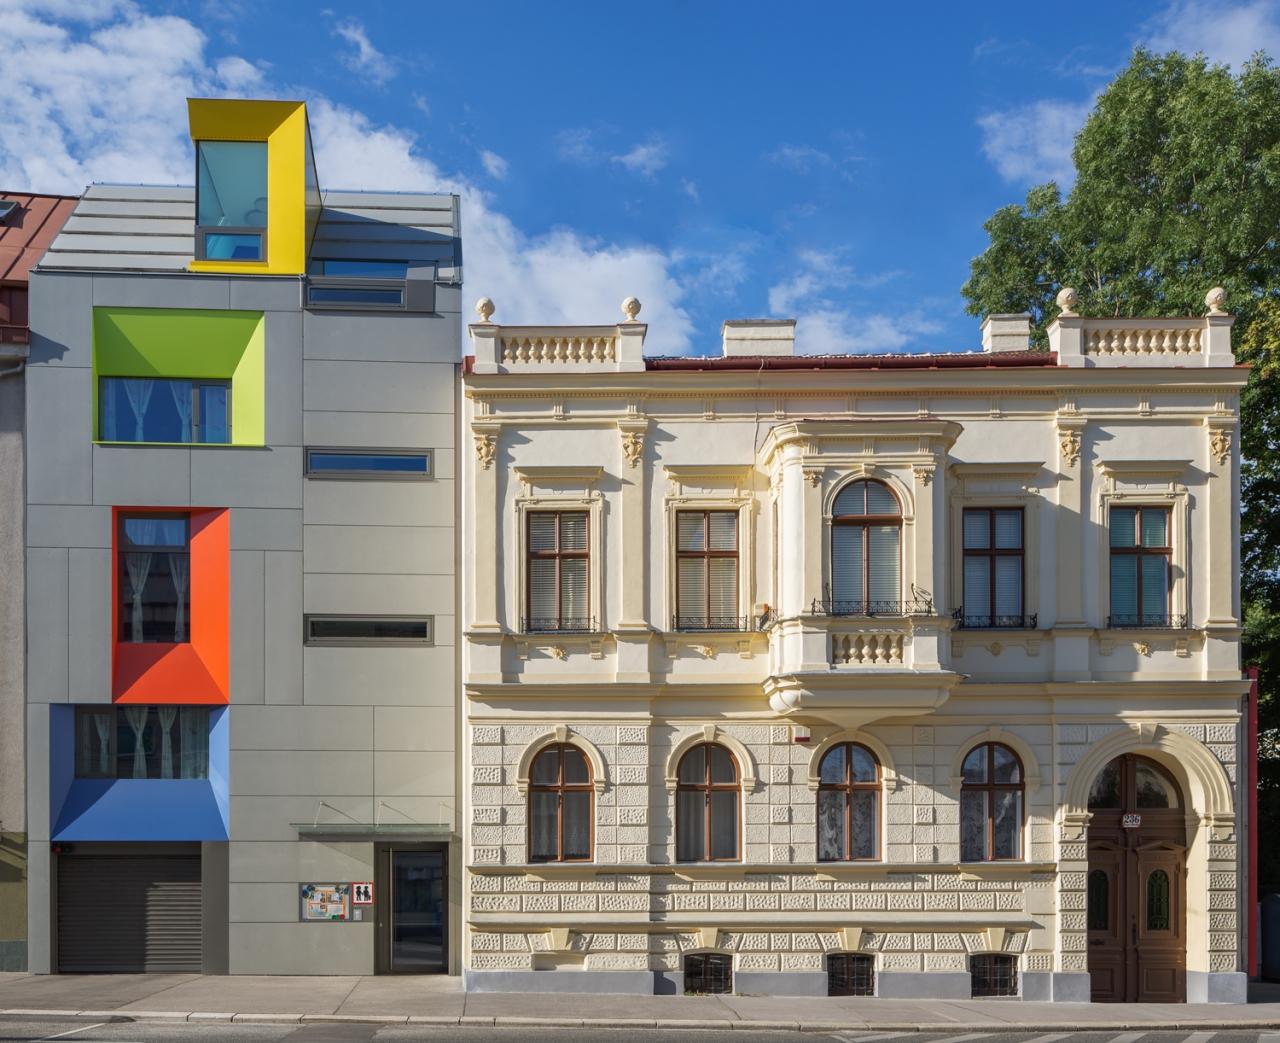 MAXIMILIAN HAIDACHER / ARCHITEKTURFOTOGRAFIE Kindergarten und Wohnbau, 1140 Wien